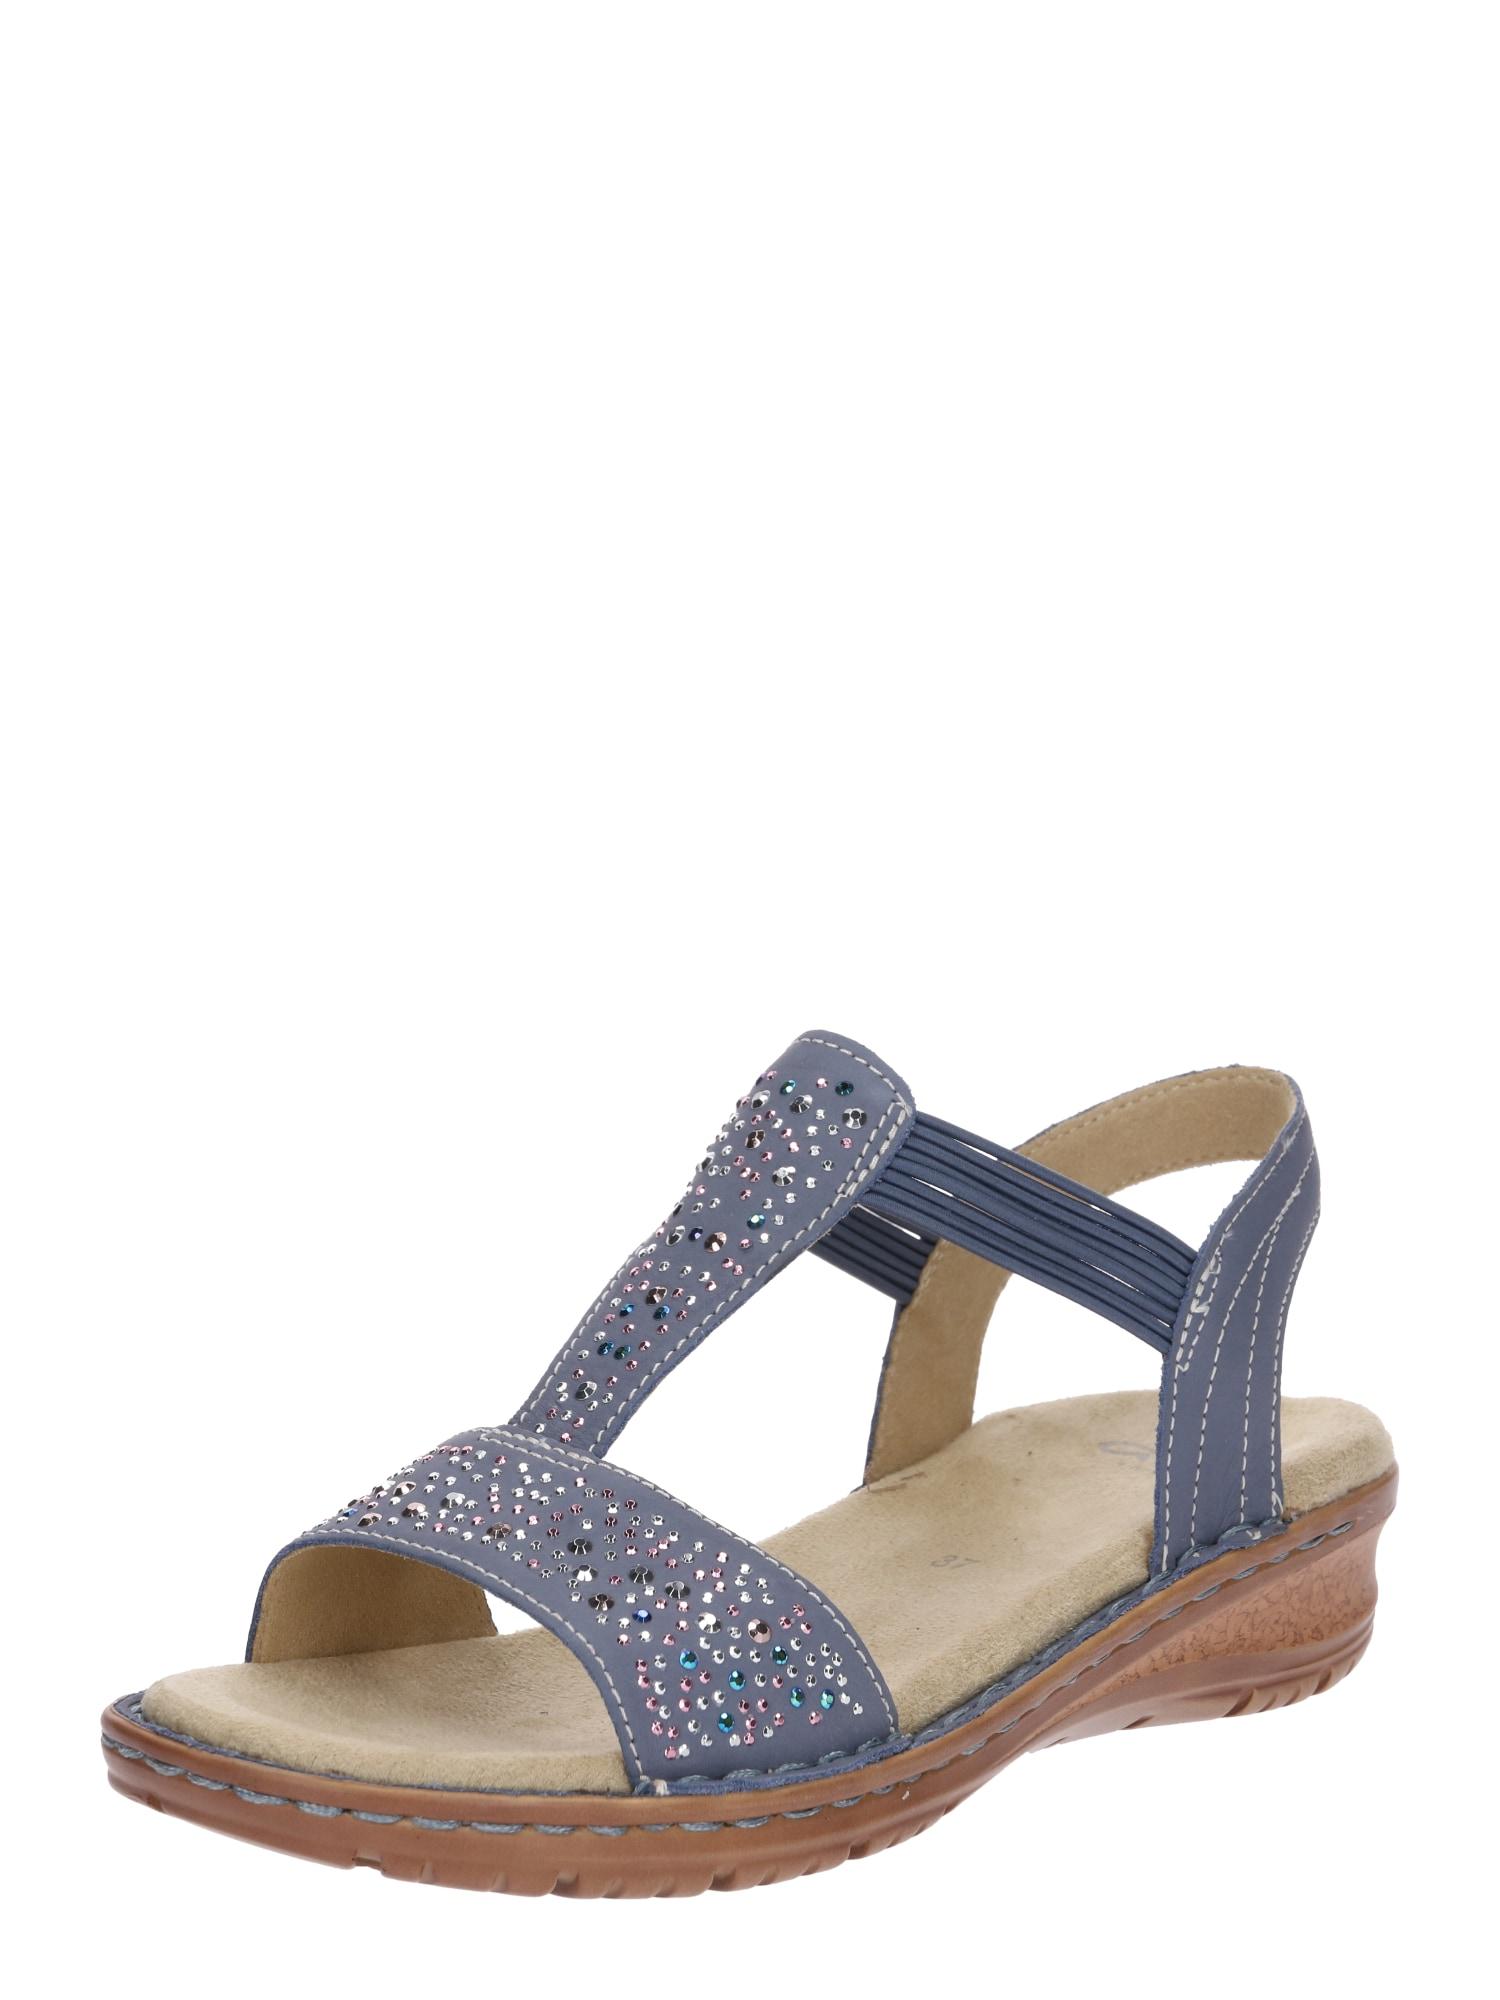 Sandály HAWAII modrá ARA